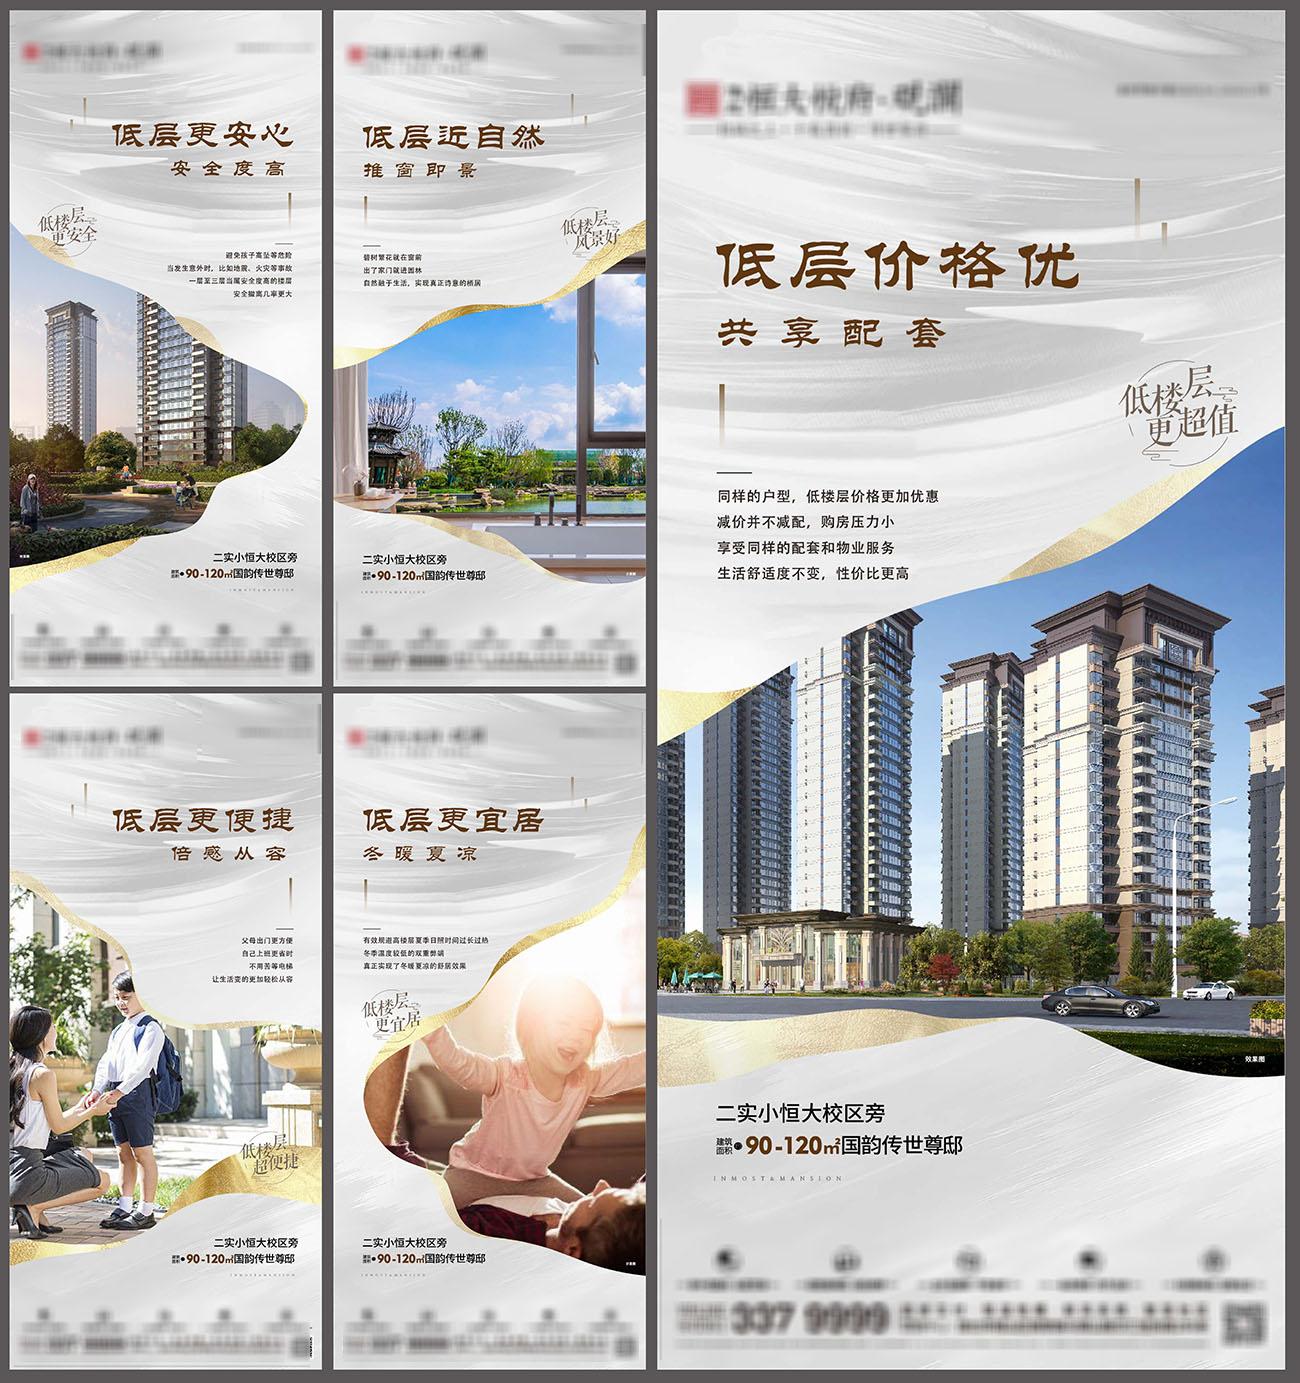 地产低楼层价值点系列海报AI源文件插图